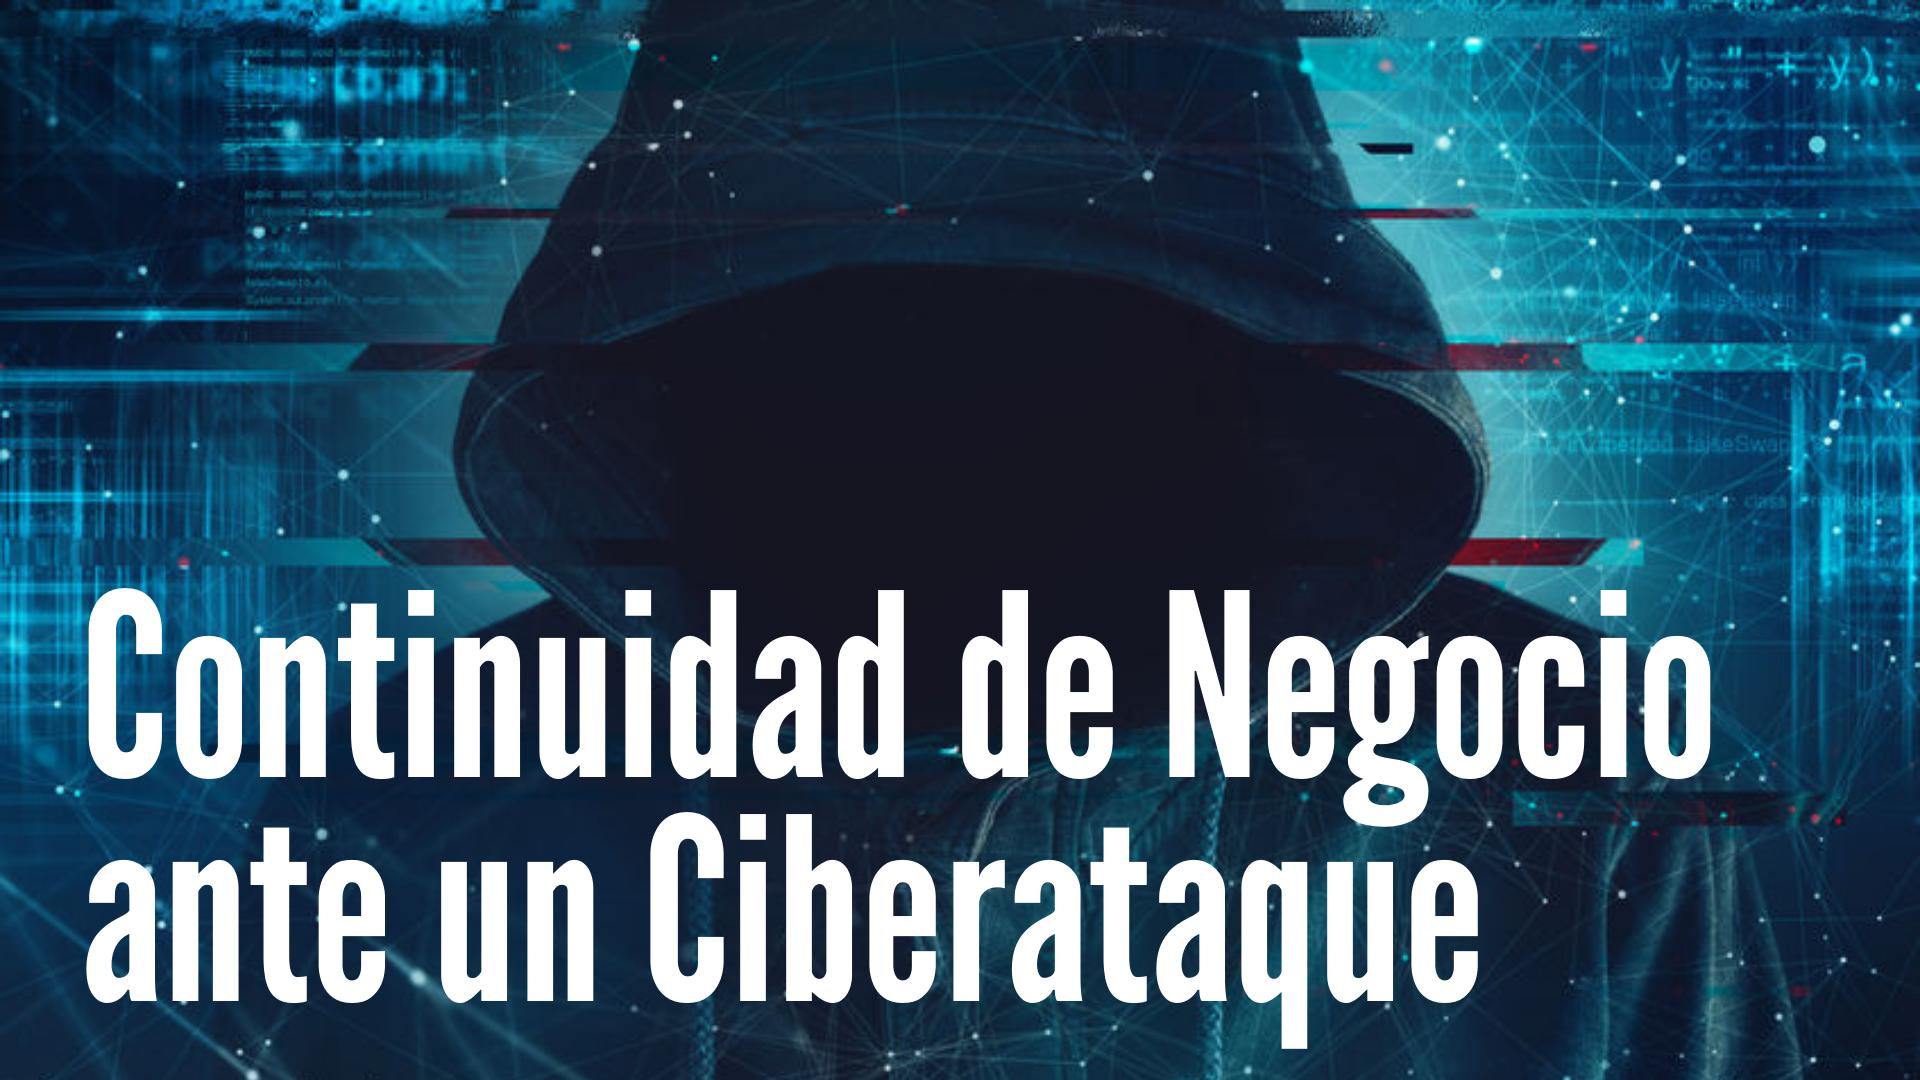 Continuidad de Negocio ante Ciberataque